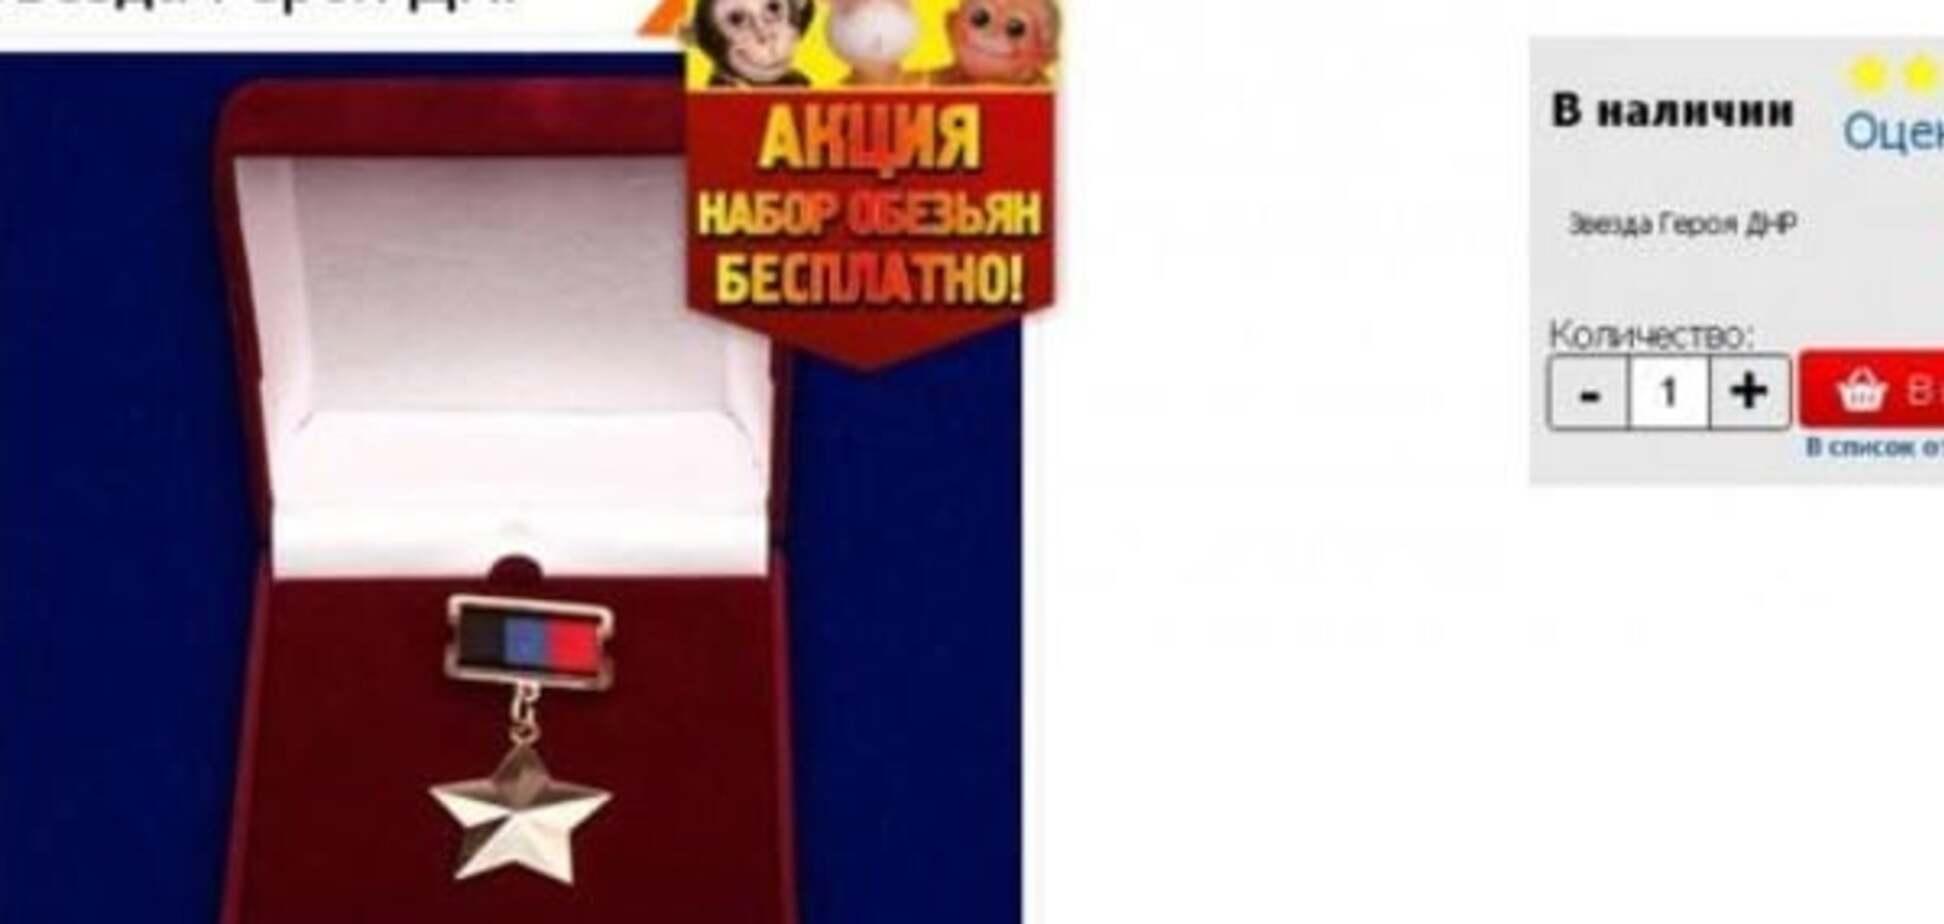 Мережу 'підірвали' мавпи в додачу до 'нагород Новоросії': фотофакт